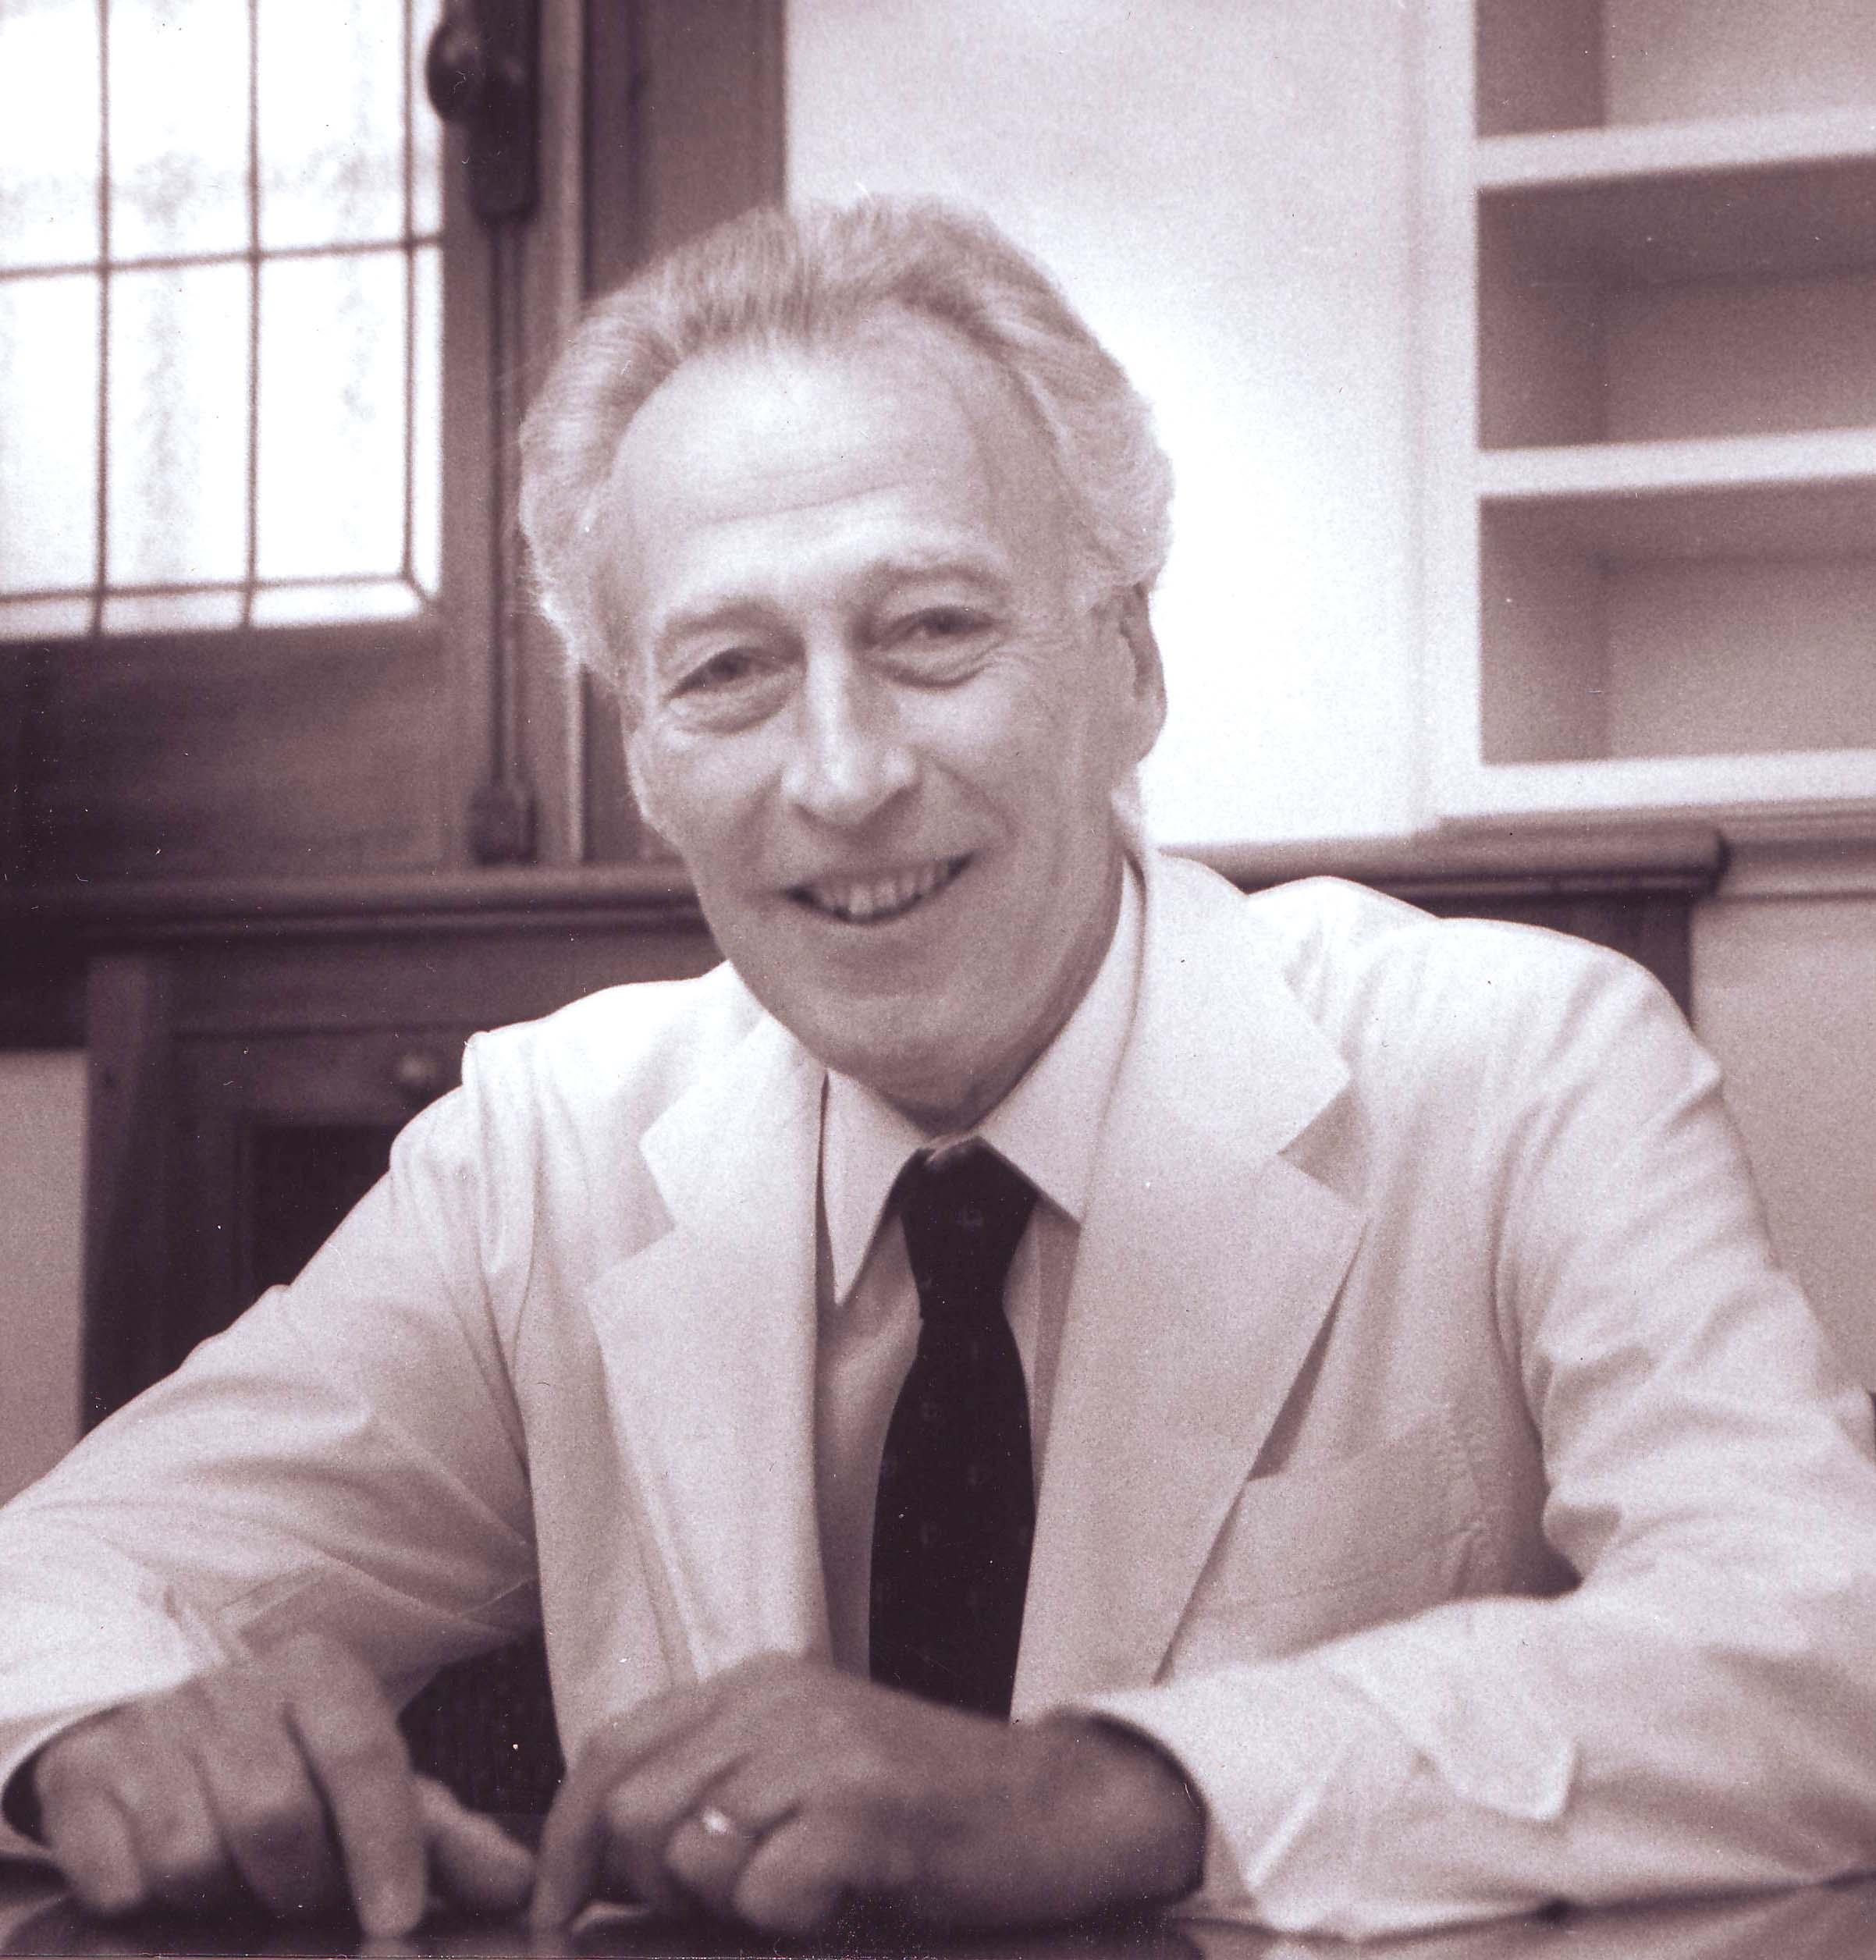 Dr. Luis Jost